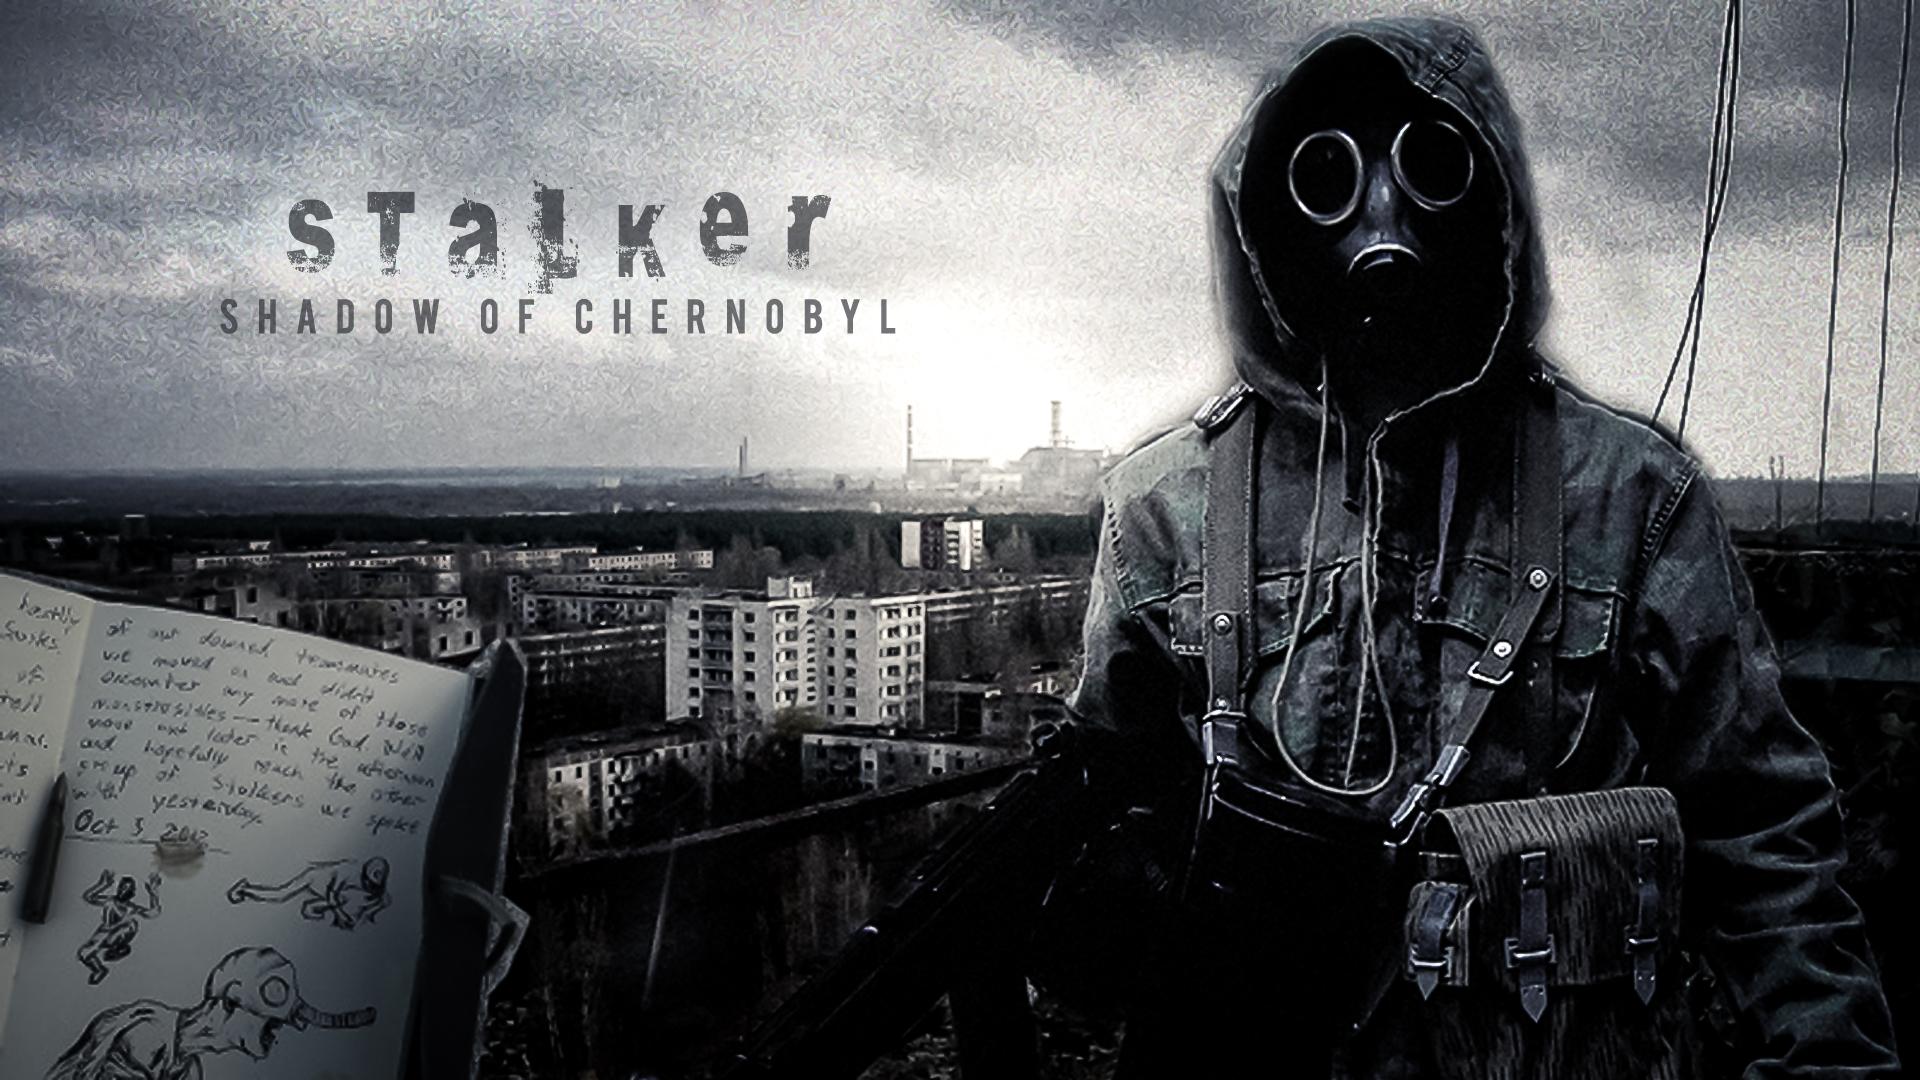 stalker___wallpaper__2013_version__by_caparzofpc-d60dsv7.png